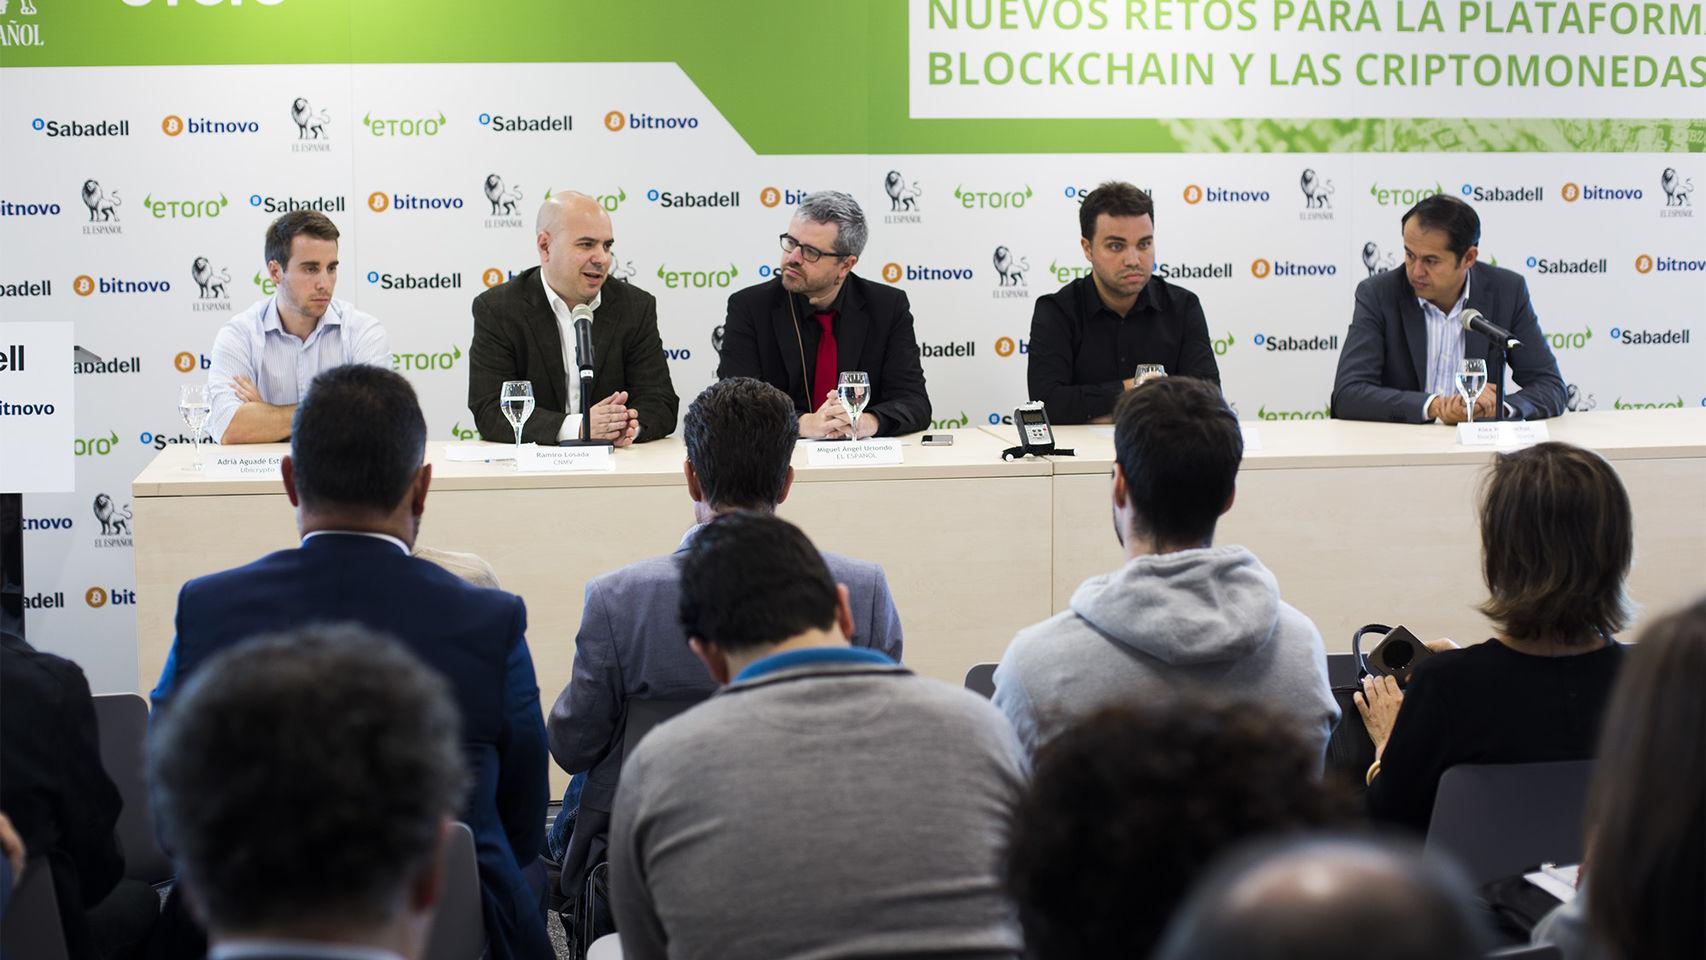 Ponentes durante la primera edición del Foro sobre blockchain y criptomonedas.